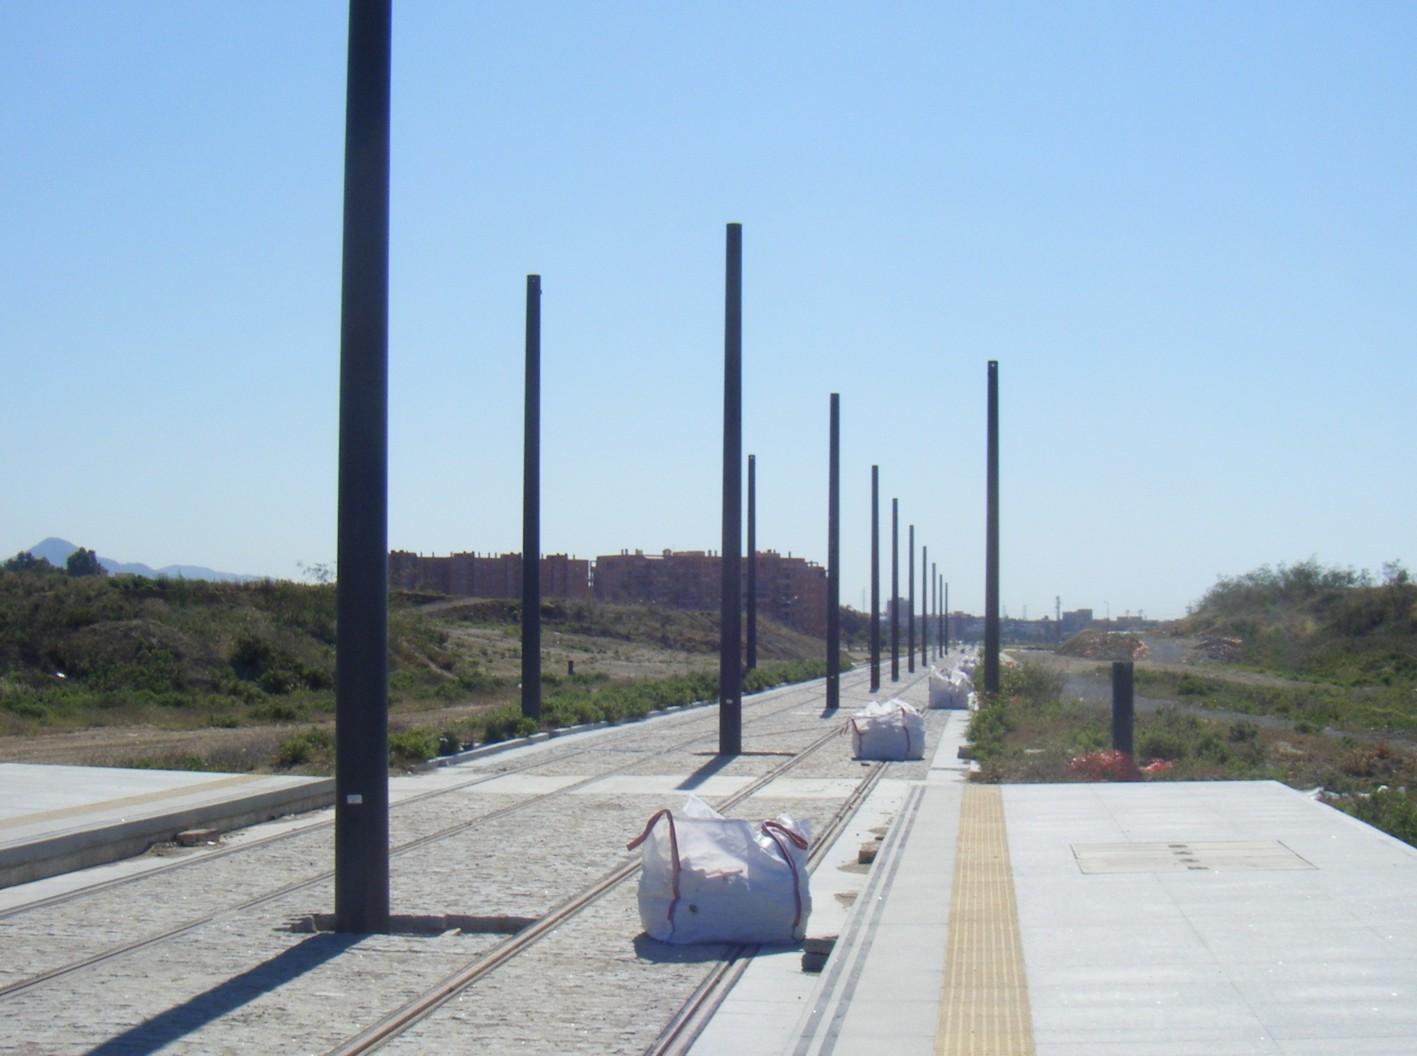 Los primeros postes para la catenaria ya están instalados en el tramo Cocheras - Doctor Domínguez.